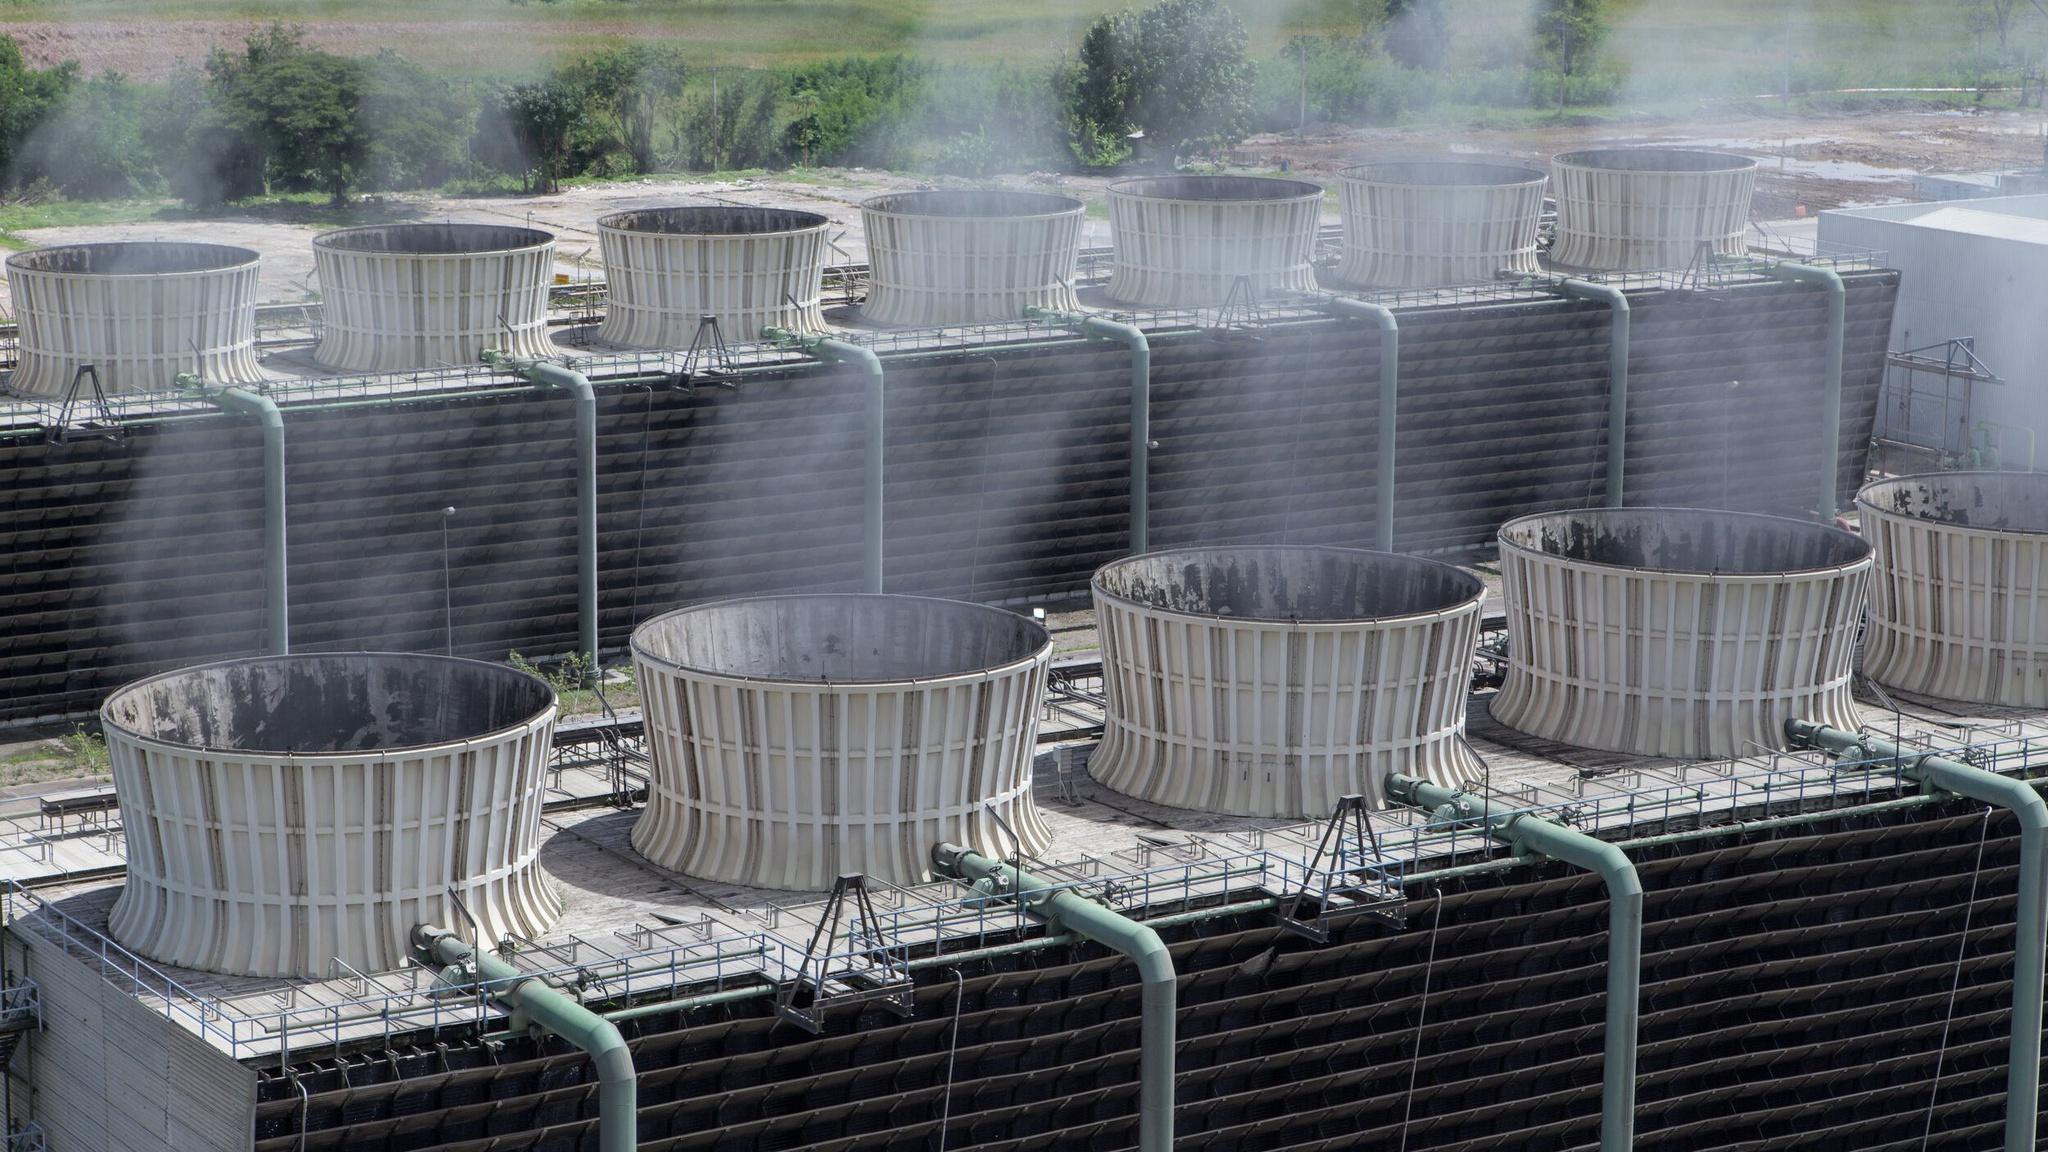 Hệ thống tháp giải nhiệt trên các tòa nhà sẽ được điều chỉnh lại thành thiết bị thu giữ khí CO2 /// Noya